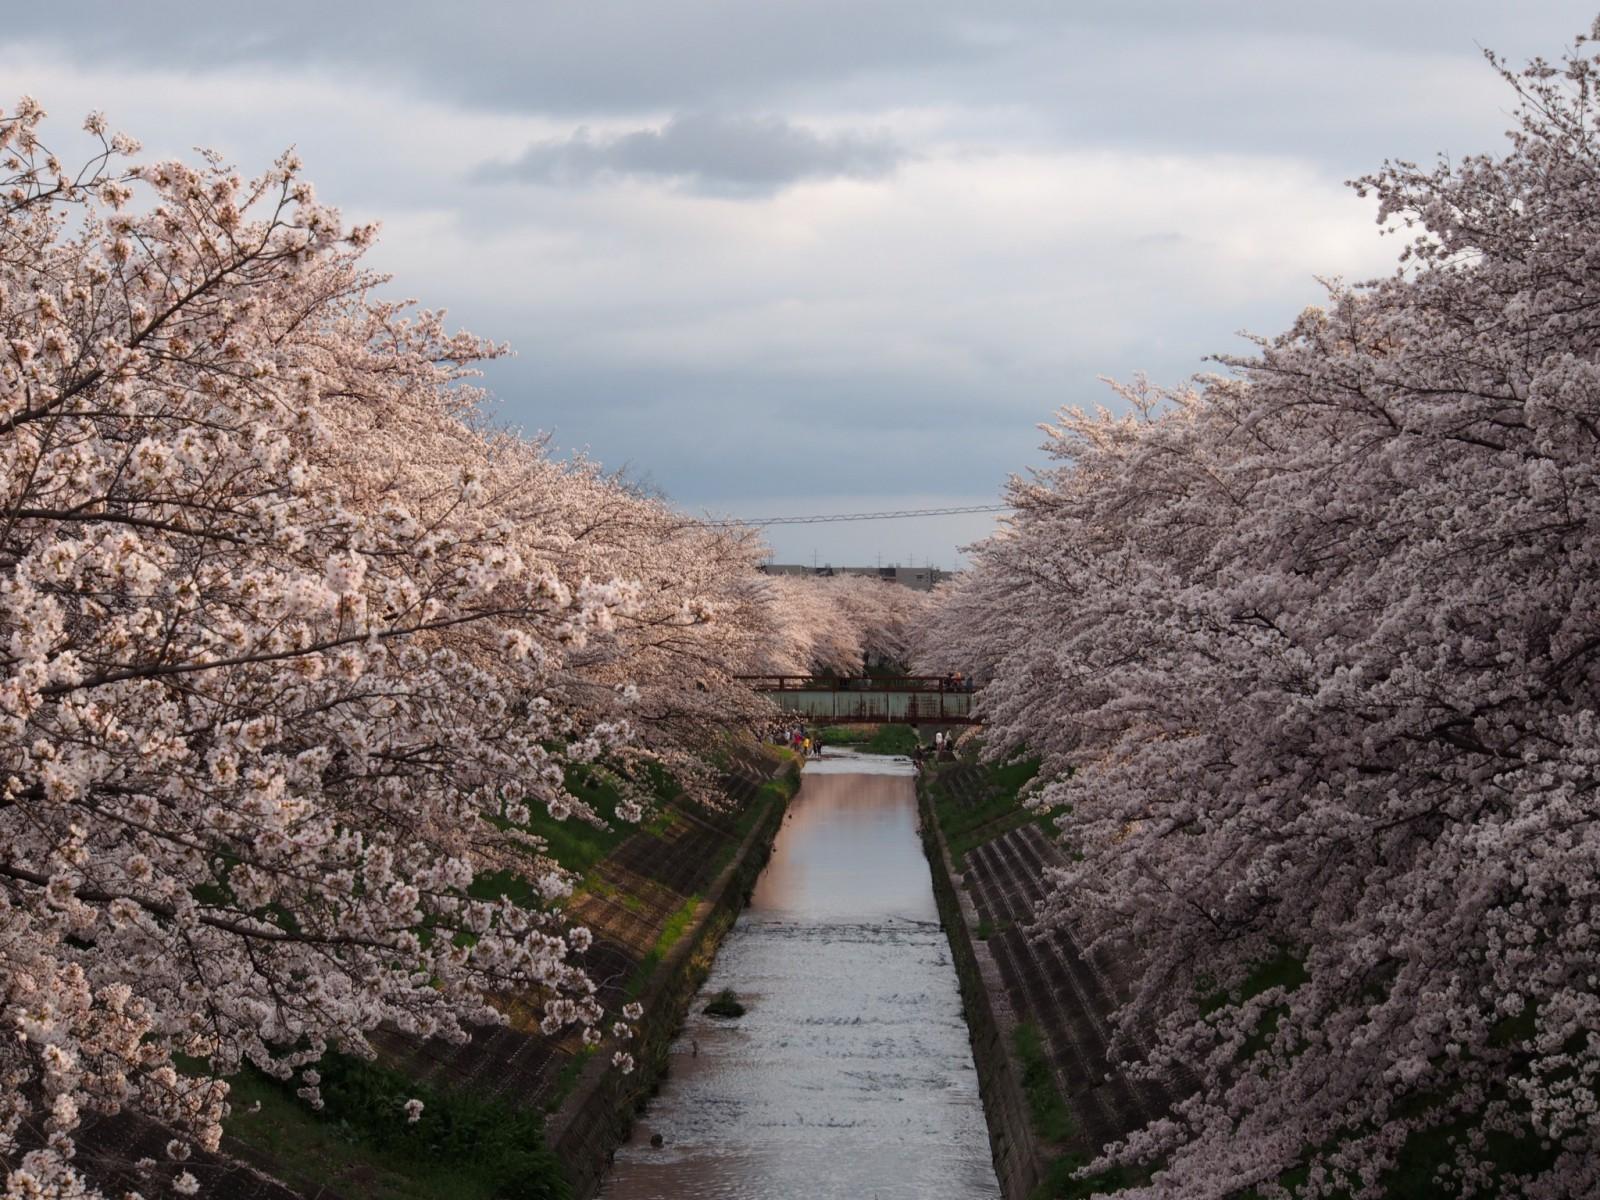 三笠中学校周辺の桜並木